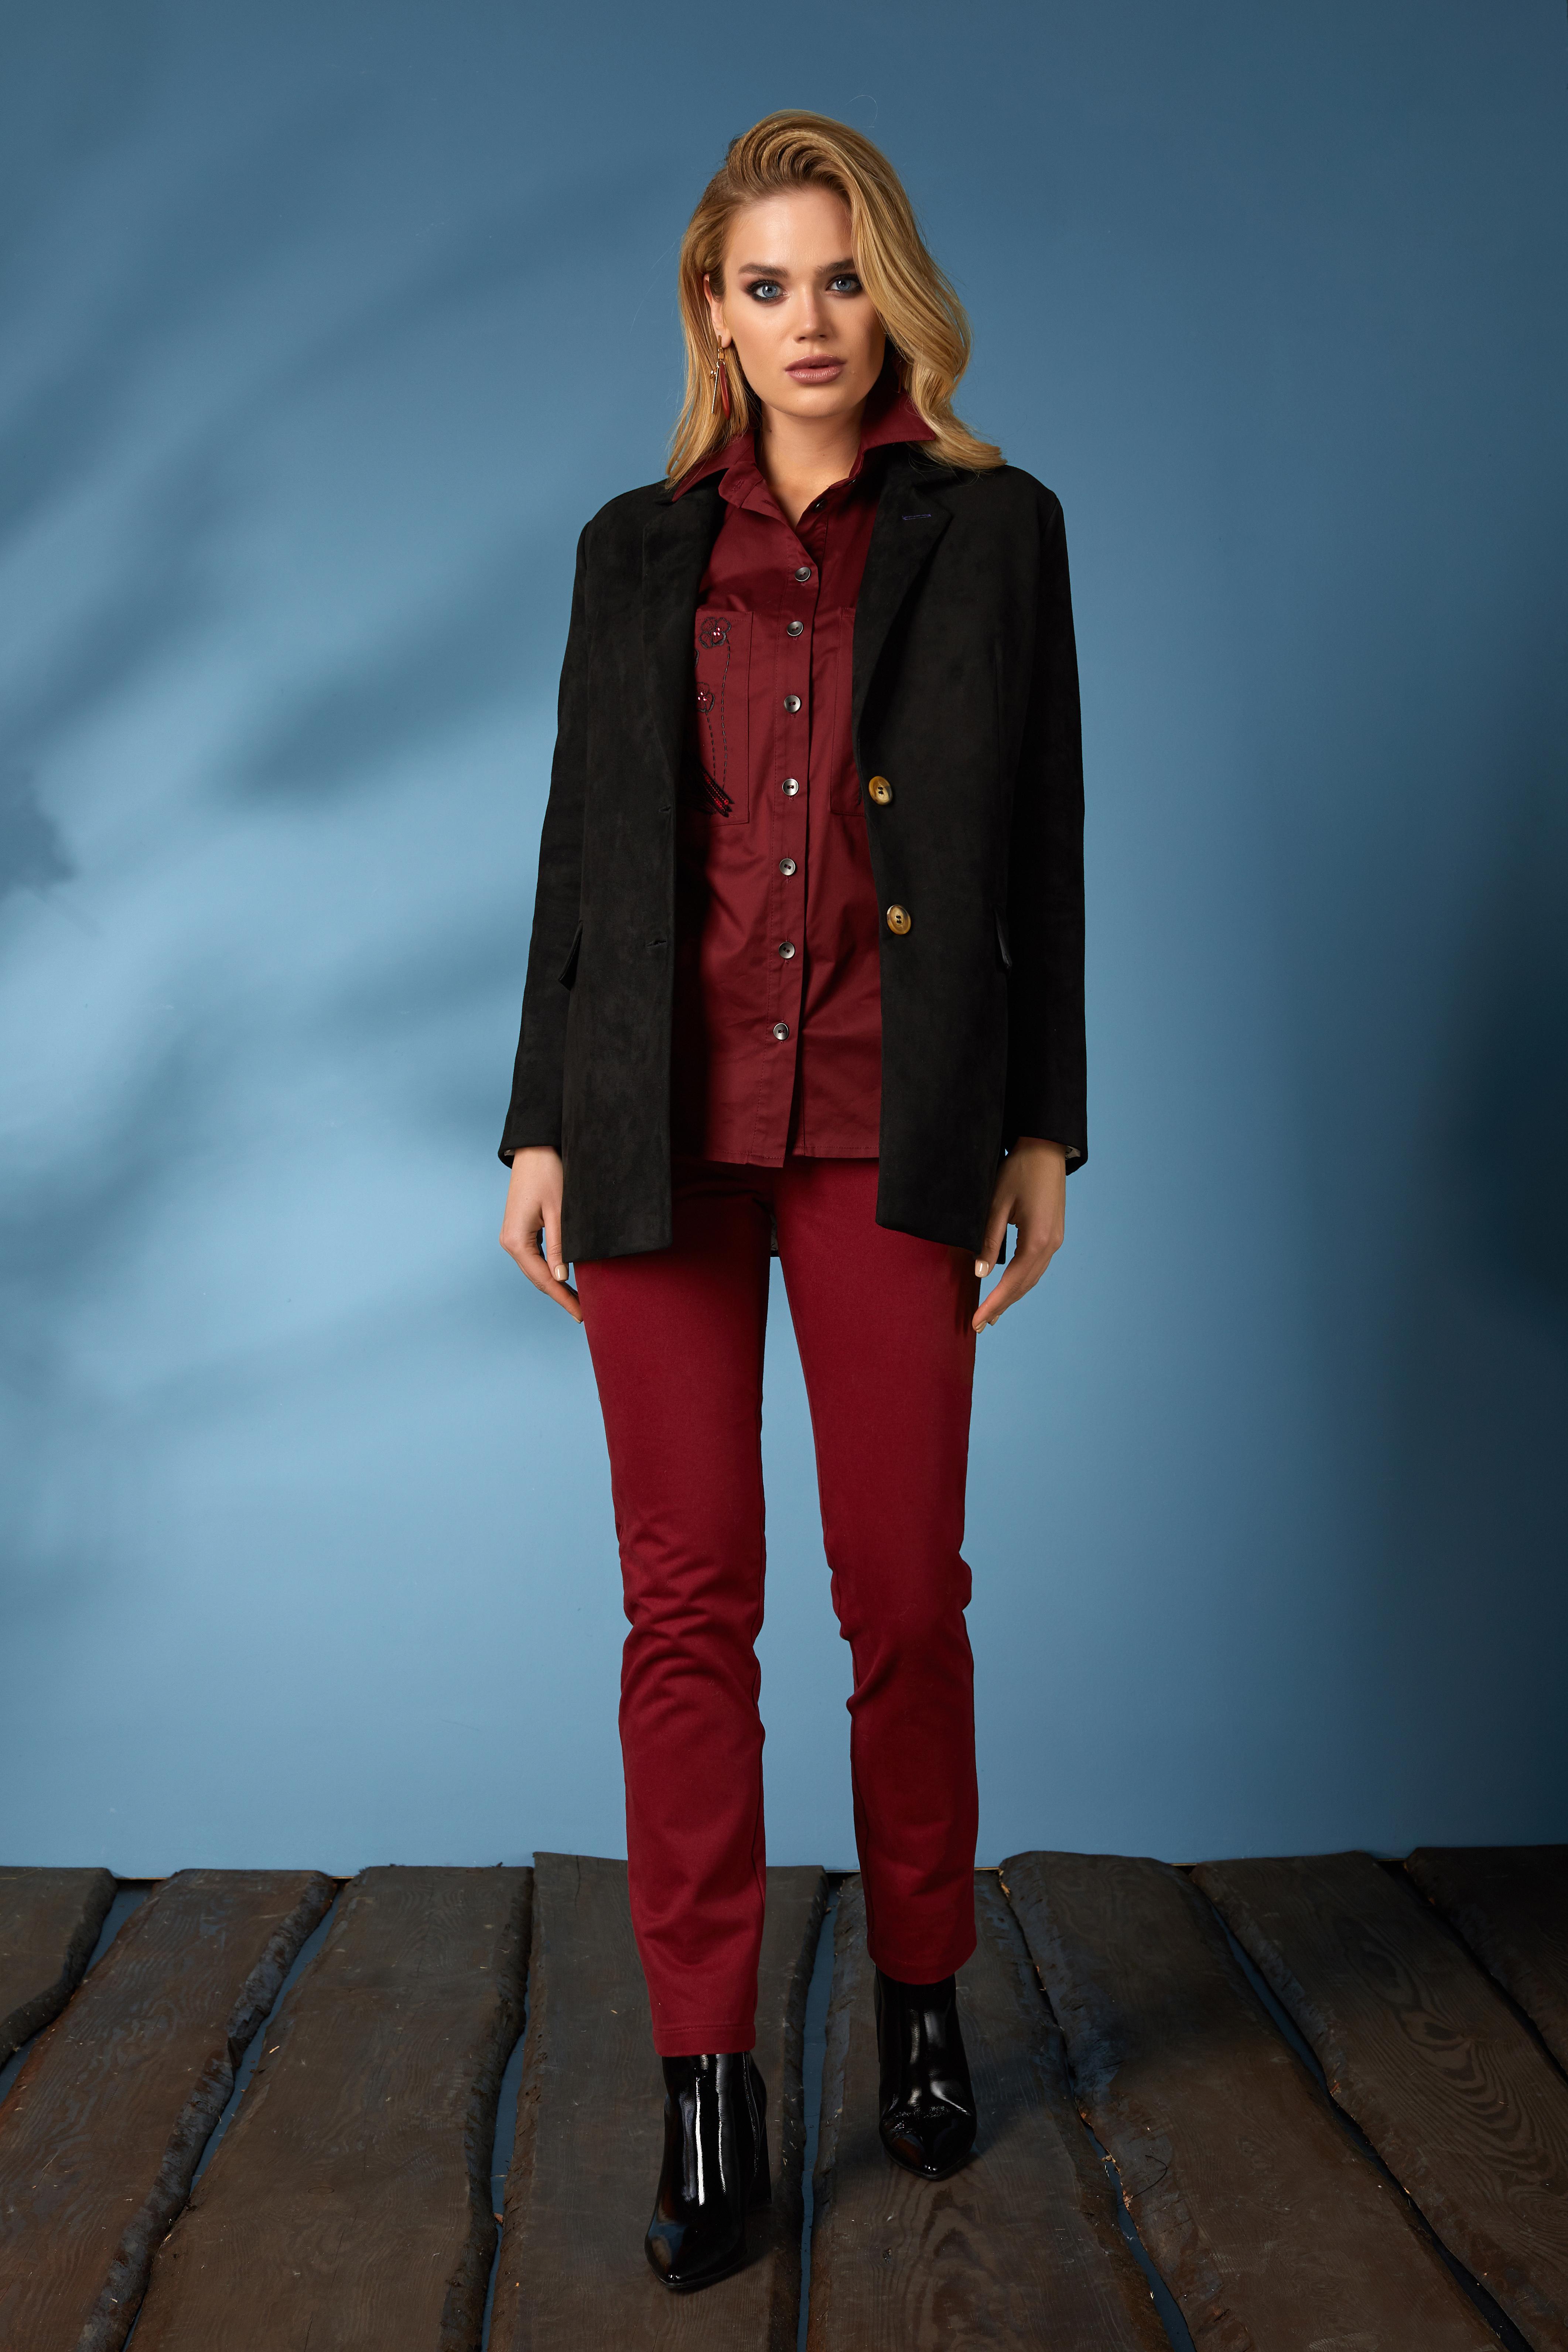 Жакет 1656, рубашка 619, джинсы 3025 (2)